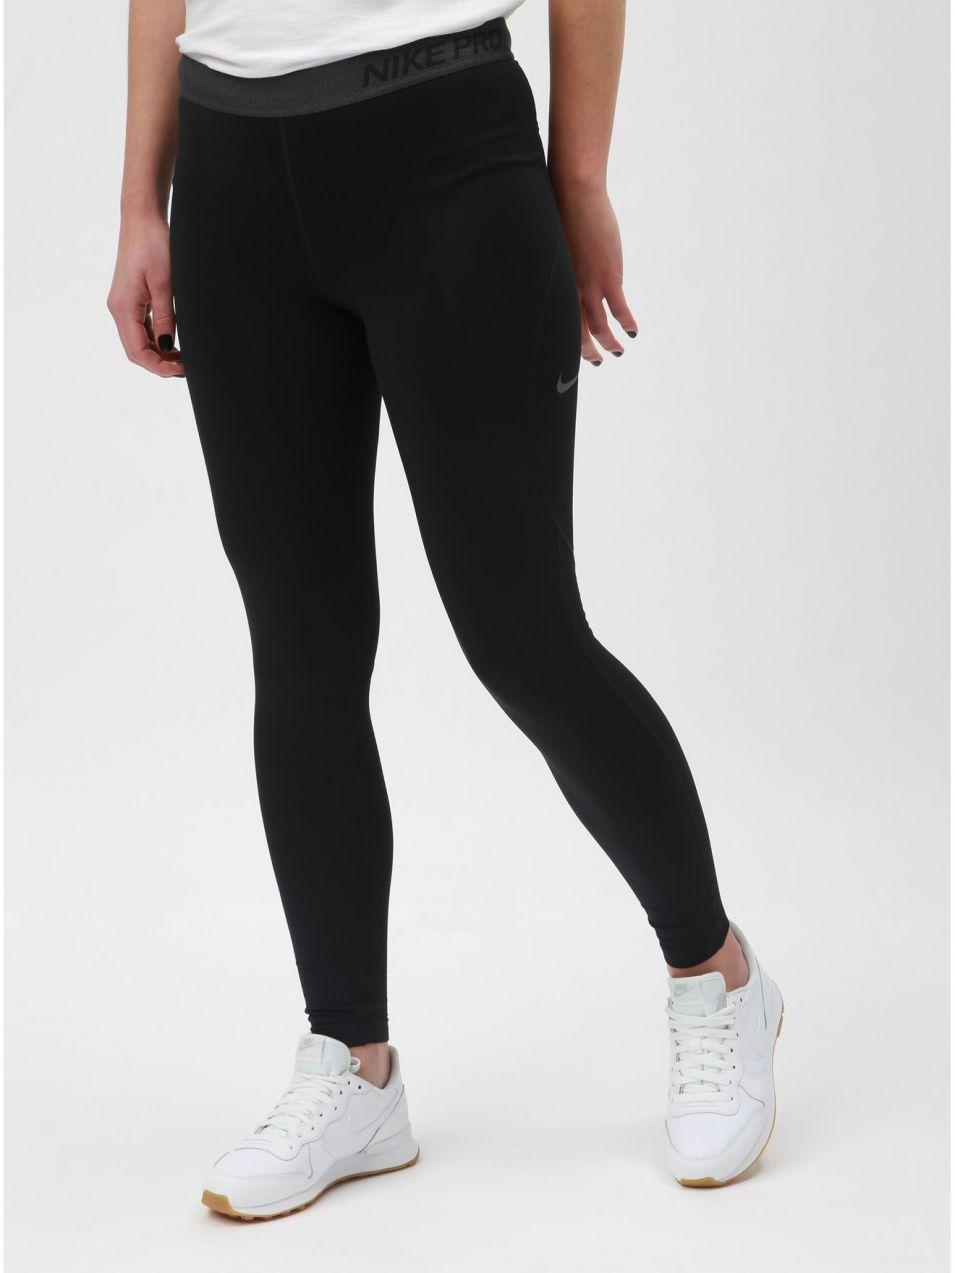 63f9f648a667 Čierne dámske funkčné legíny Nike značky Nike - Lovely.sk